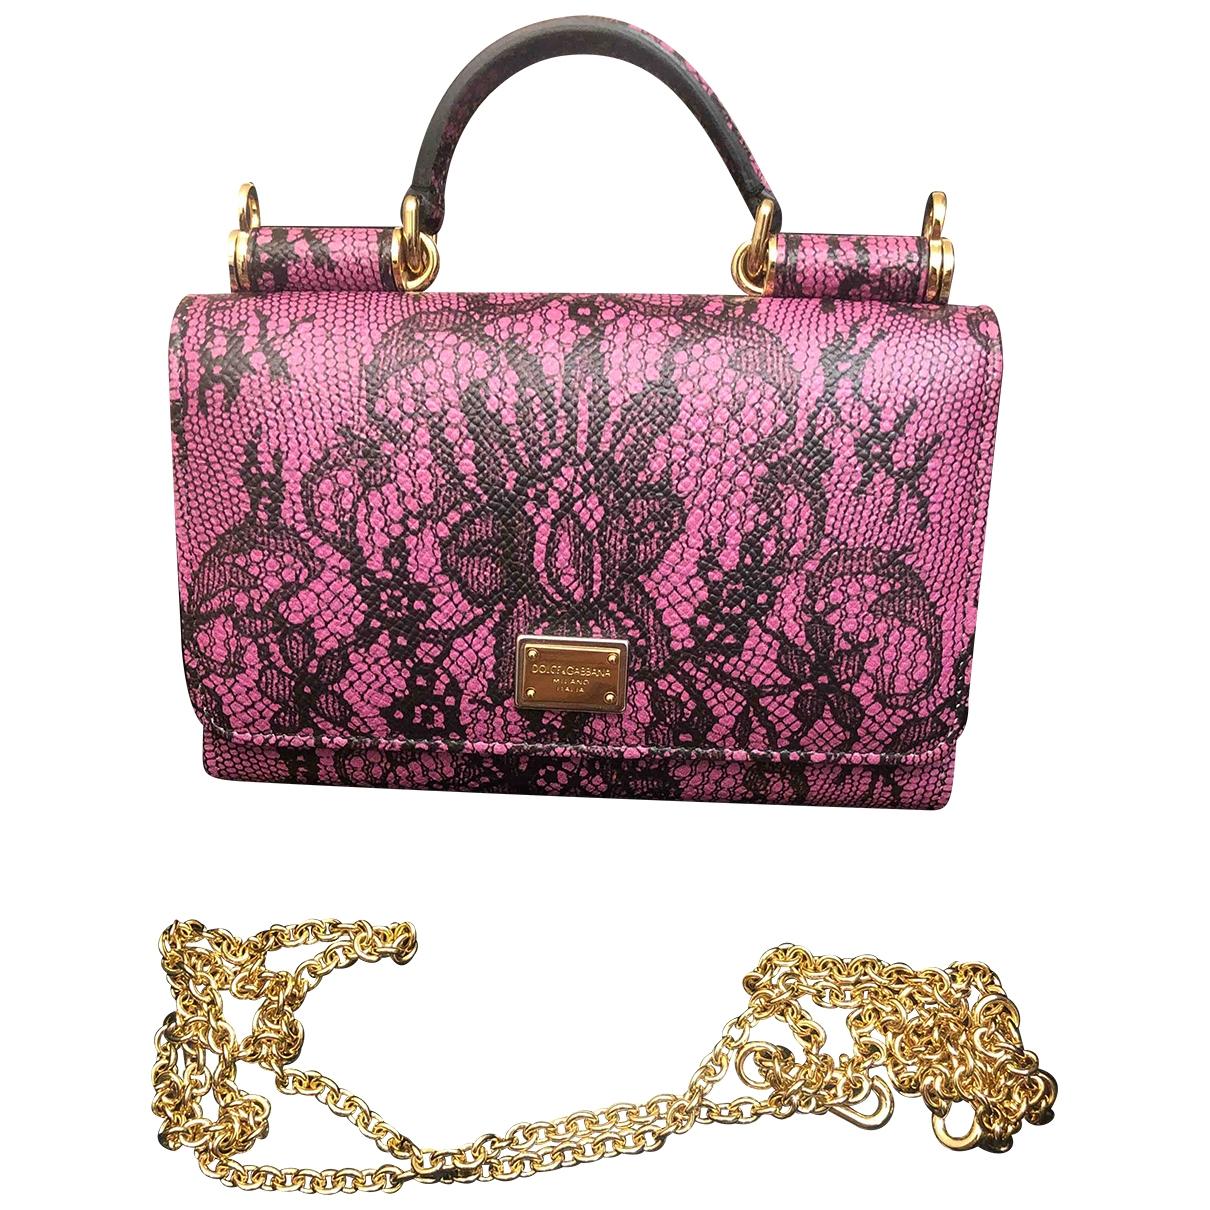 Dolce & Gabbana - Sac a main   pour femme en cuir - rose